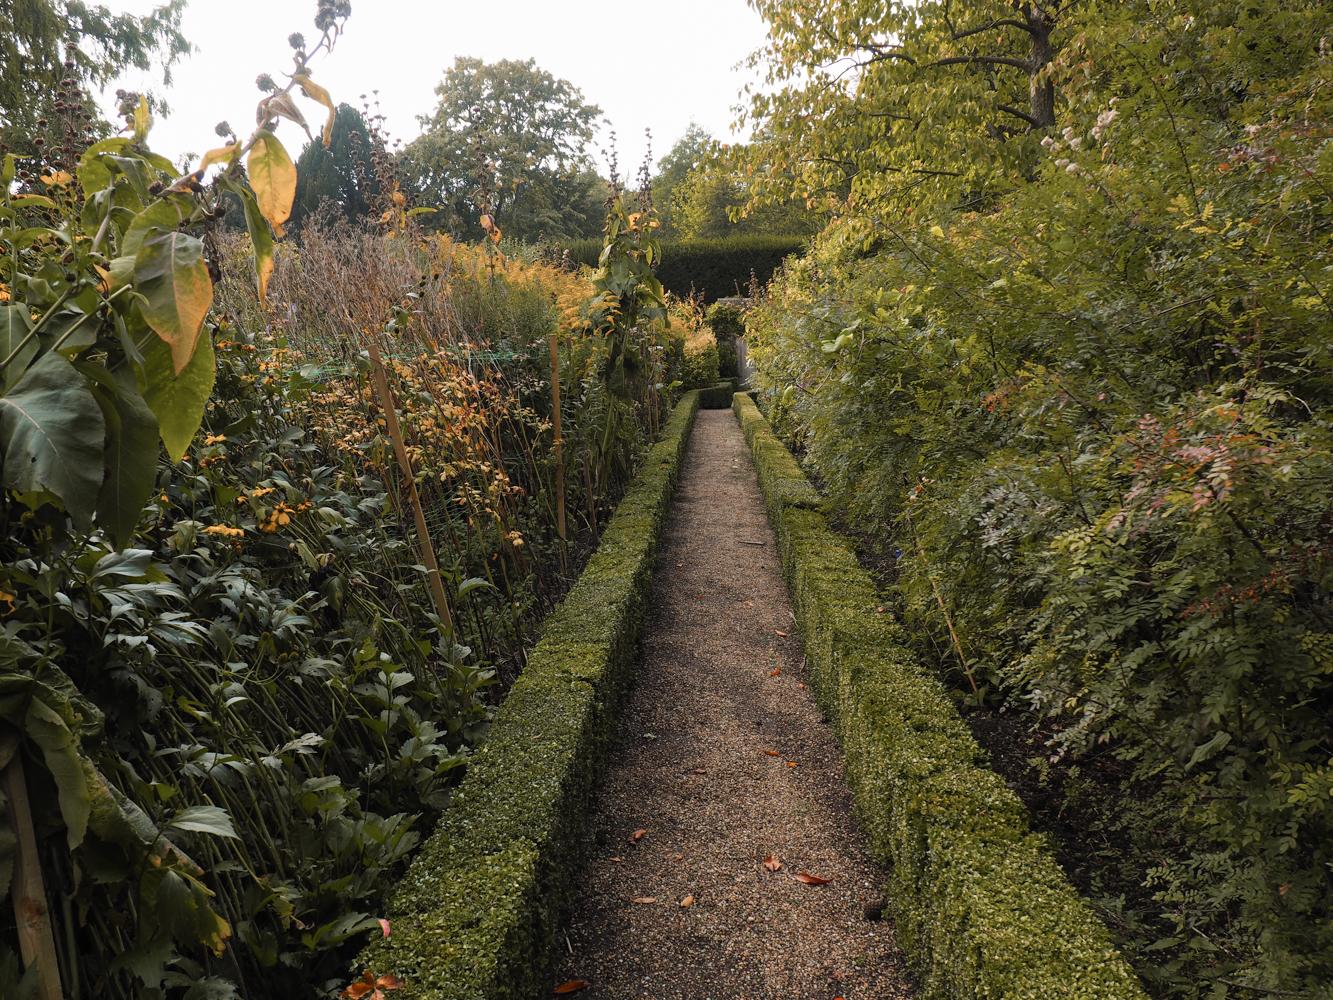 Clare College Garden